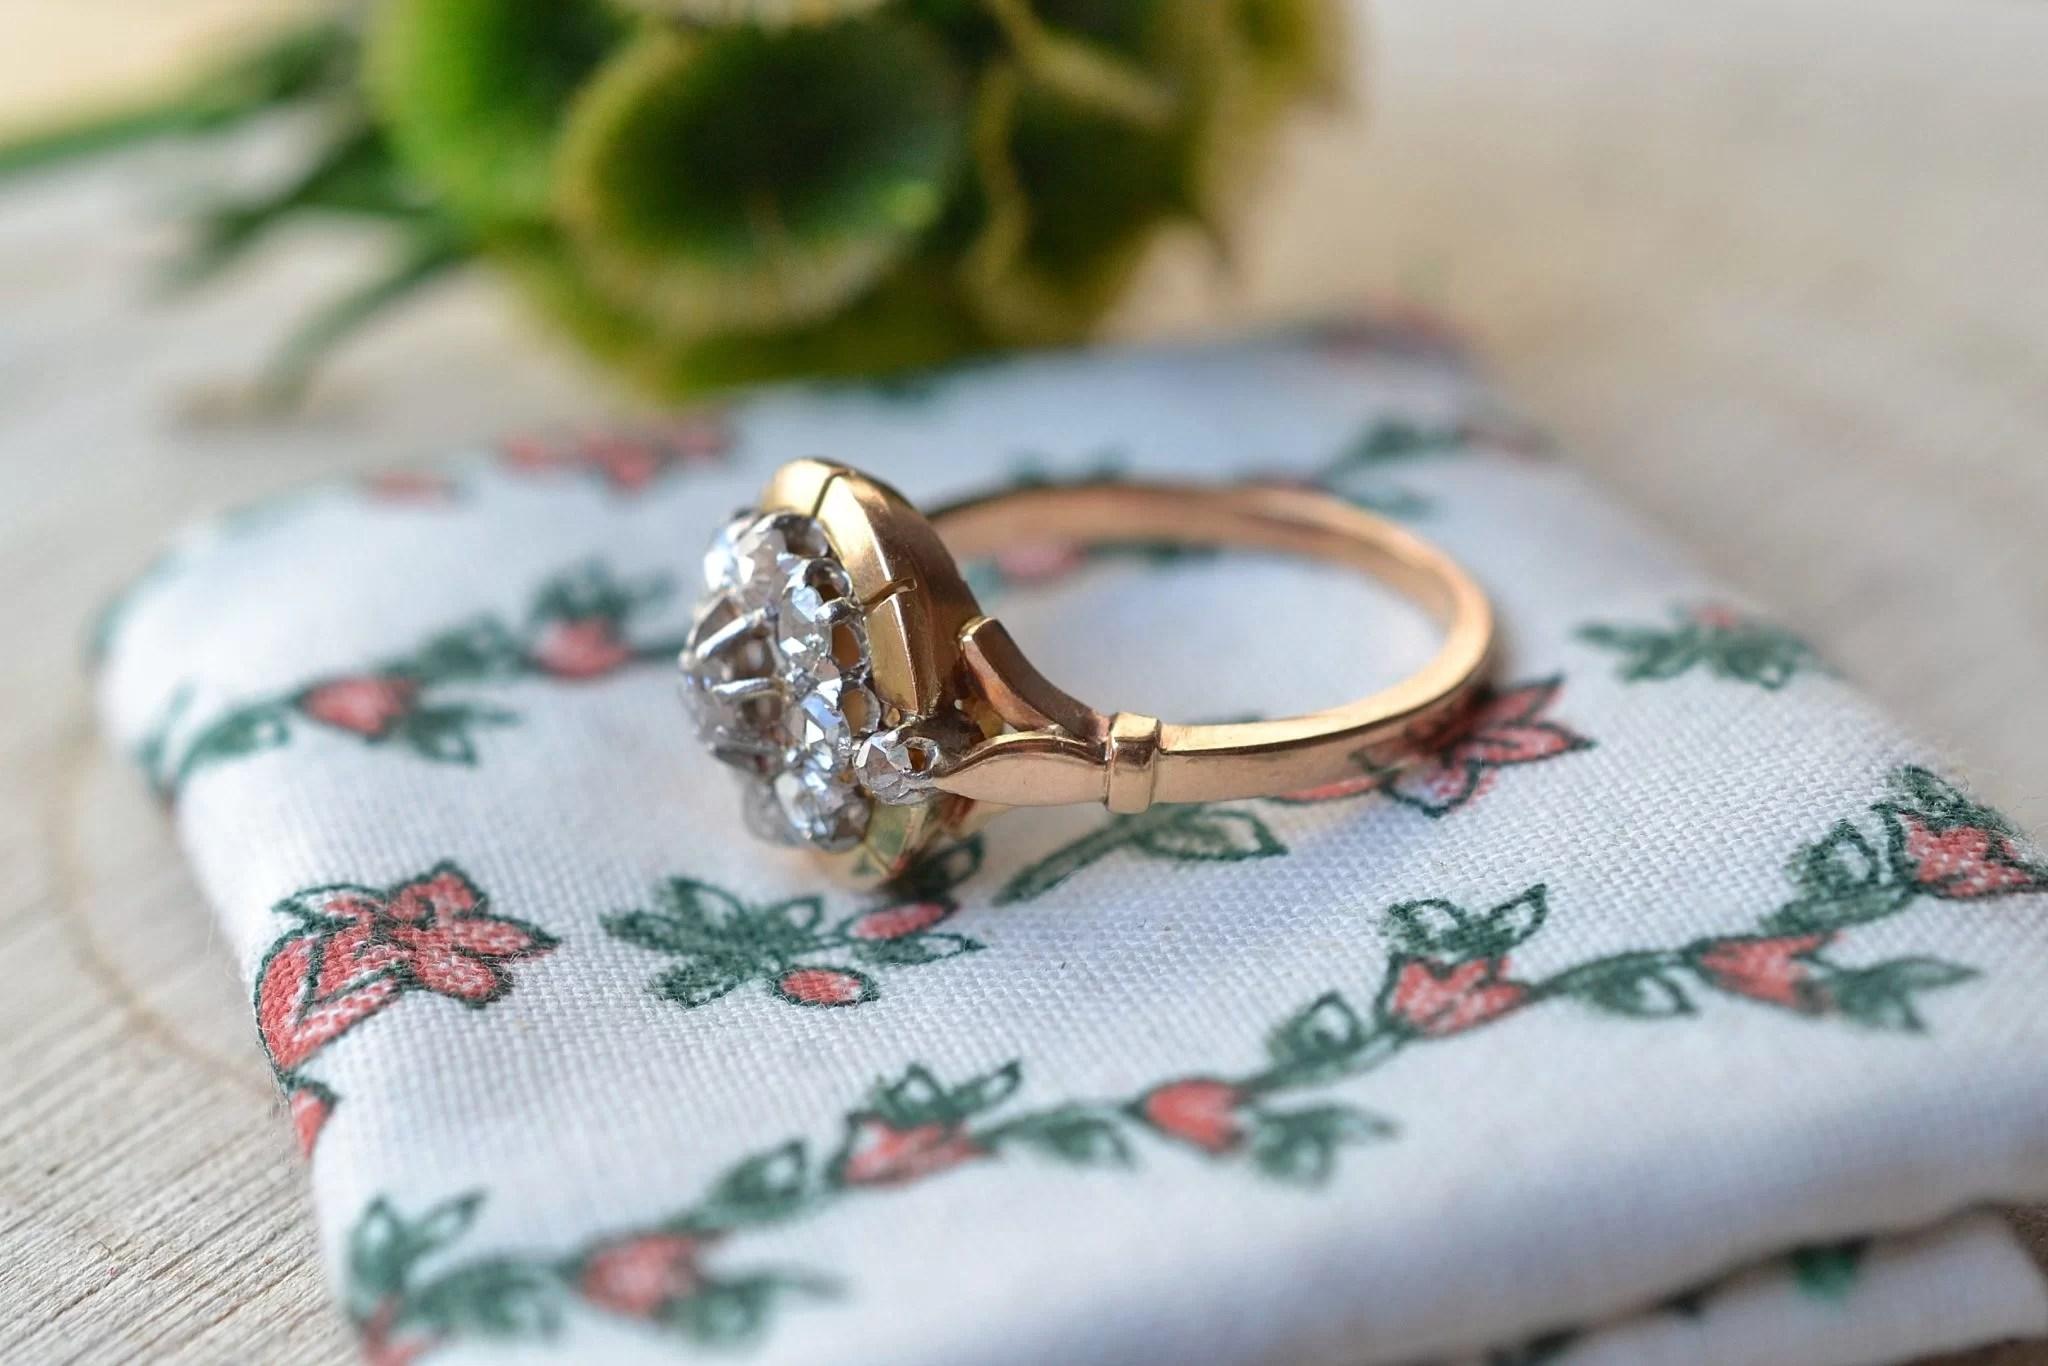 Bague en Or jaune enrichie de diamants - bague ancienne